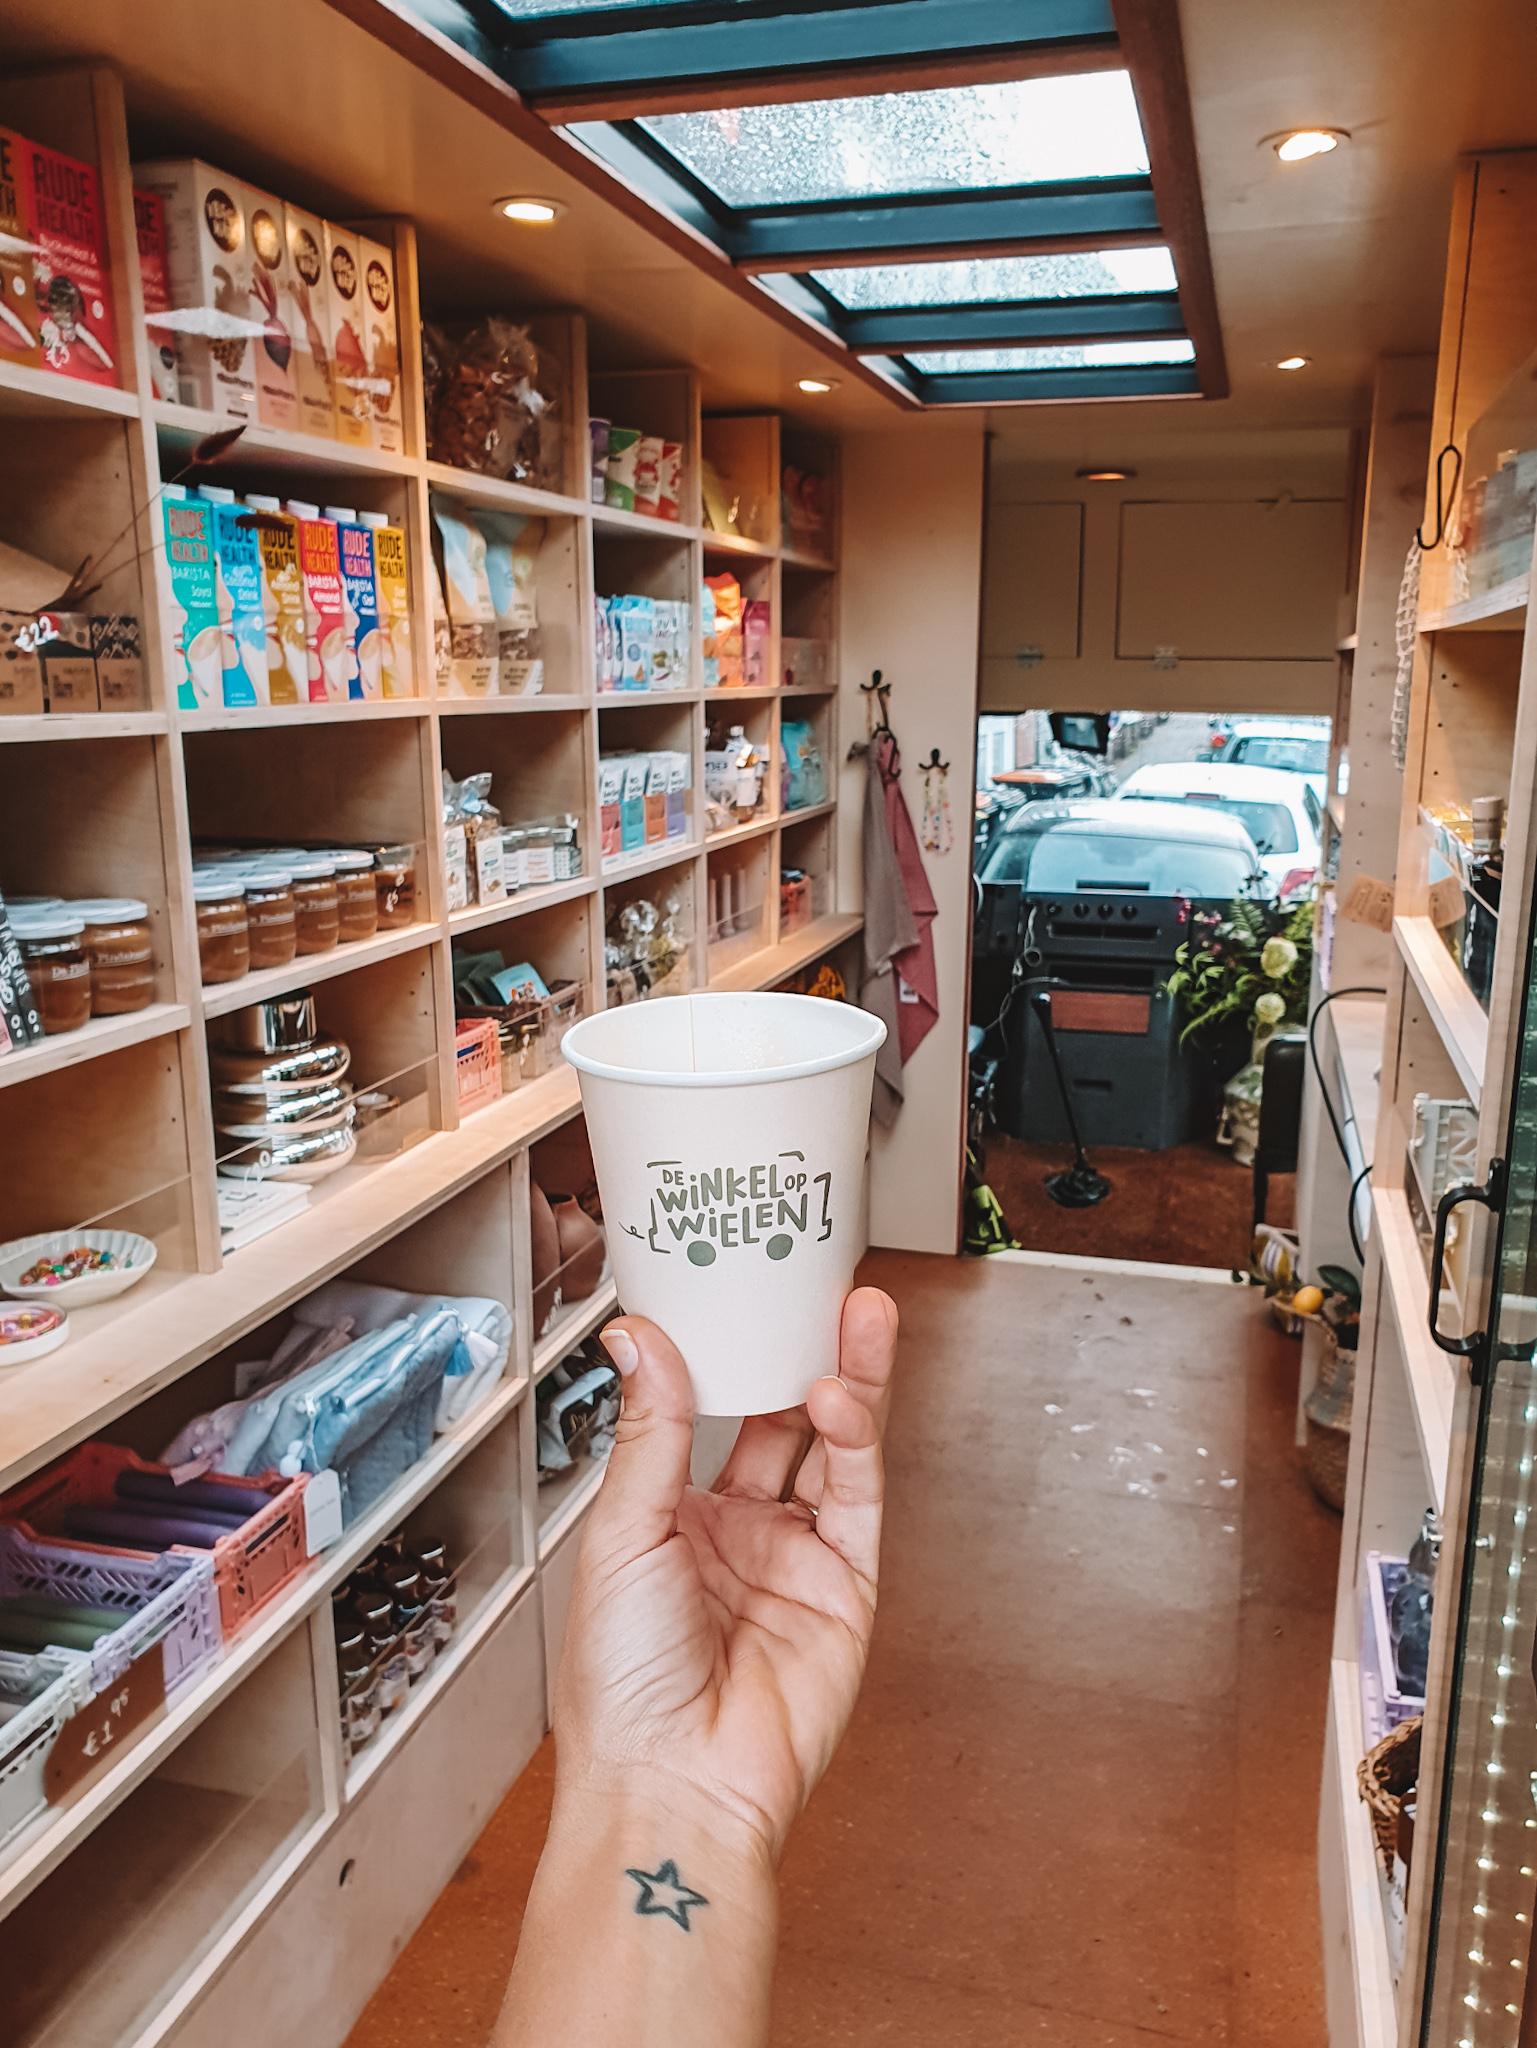 Coffee at Winkel Op Wielen